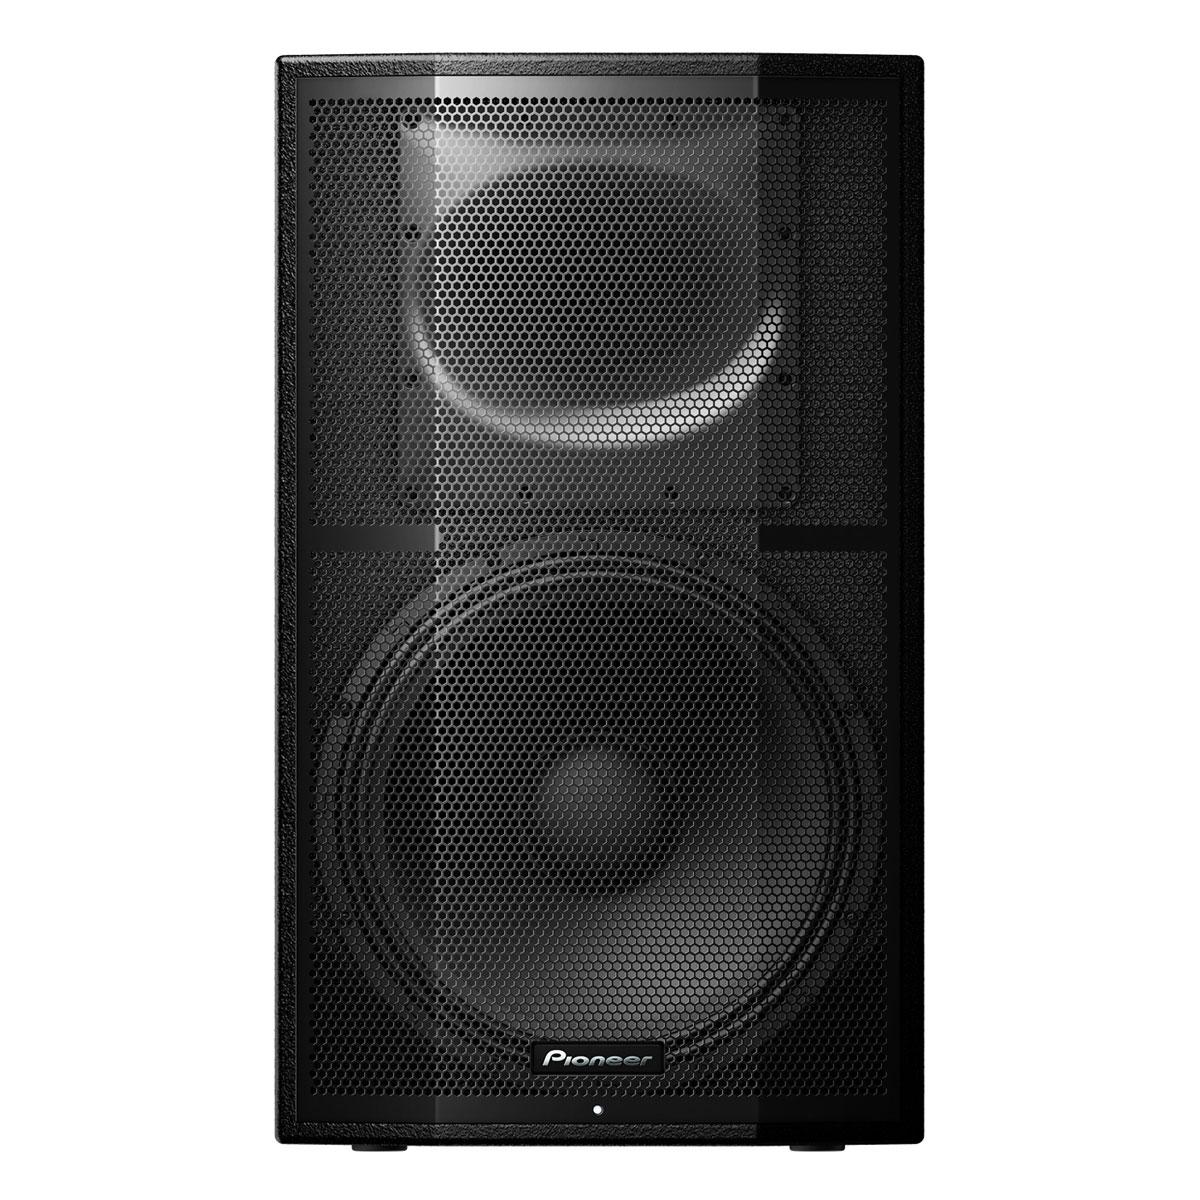 Pioneer DJ パイオニア / XPRS 15 (15インチ 2way フルレンジスピーカー)【PNG】